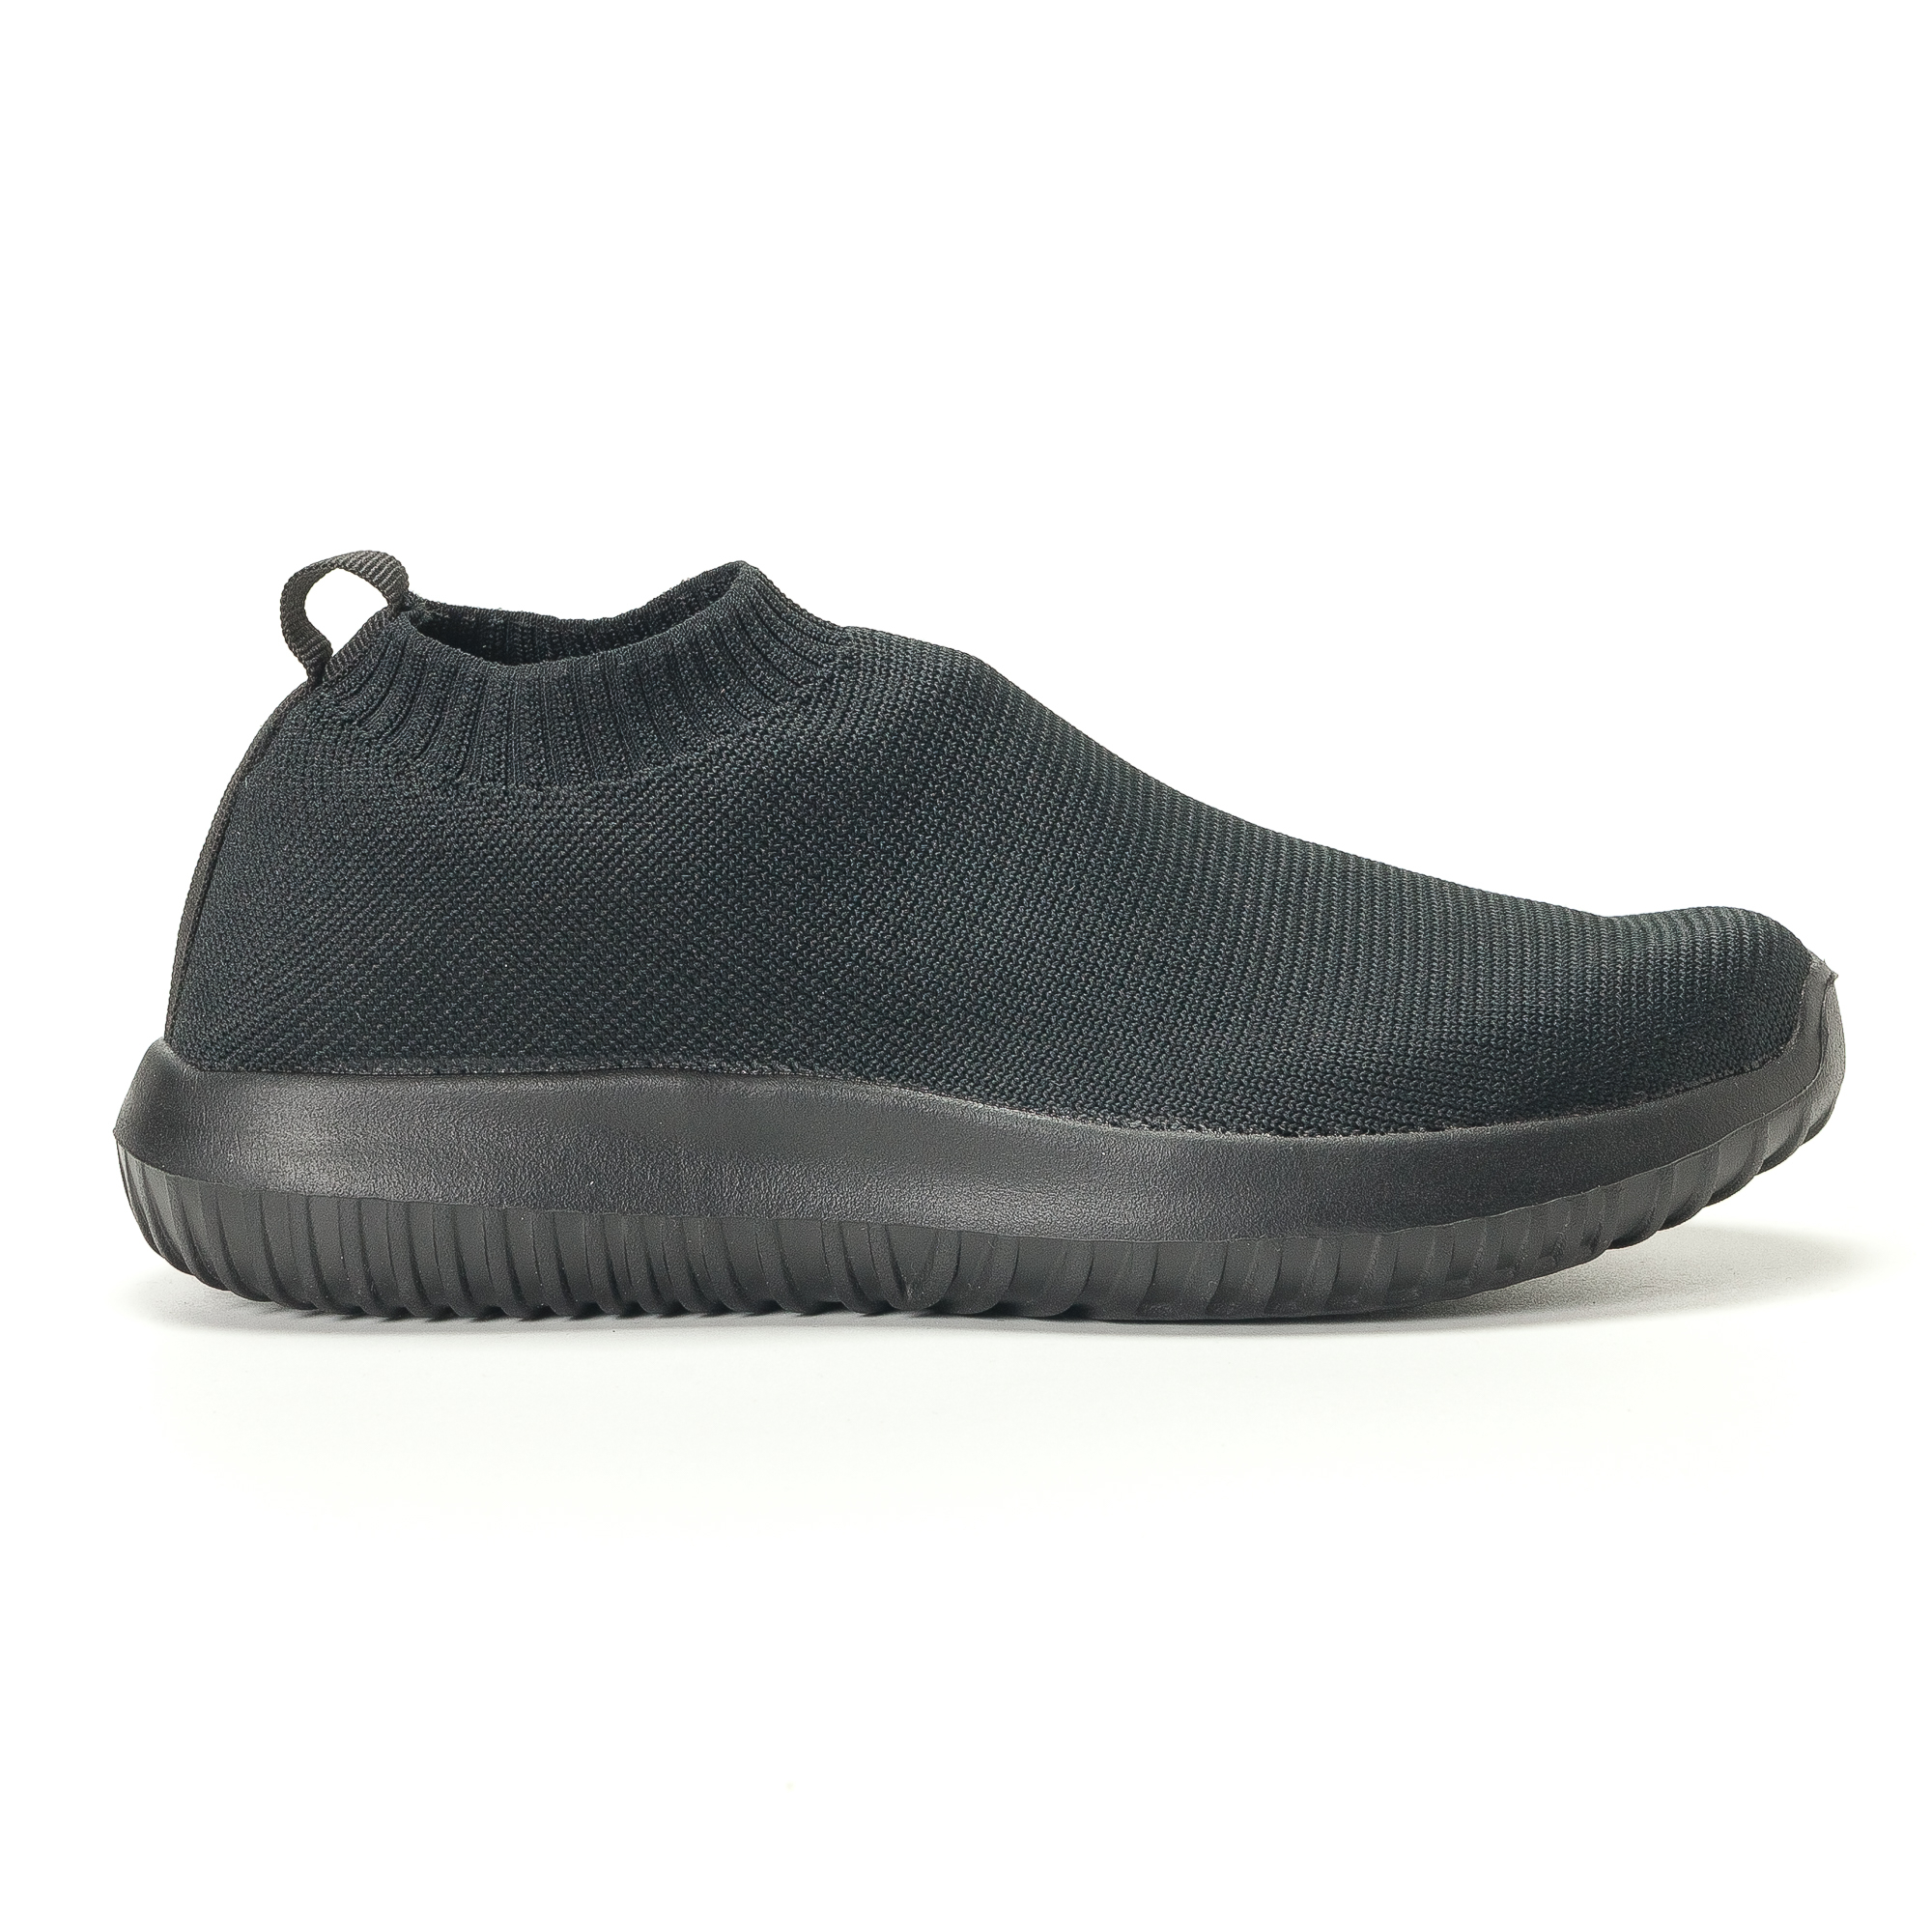 Γυναικεία μαύρα υφασμάτινα αθλητικά παπούτσια χωρίς κορδόνια